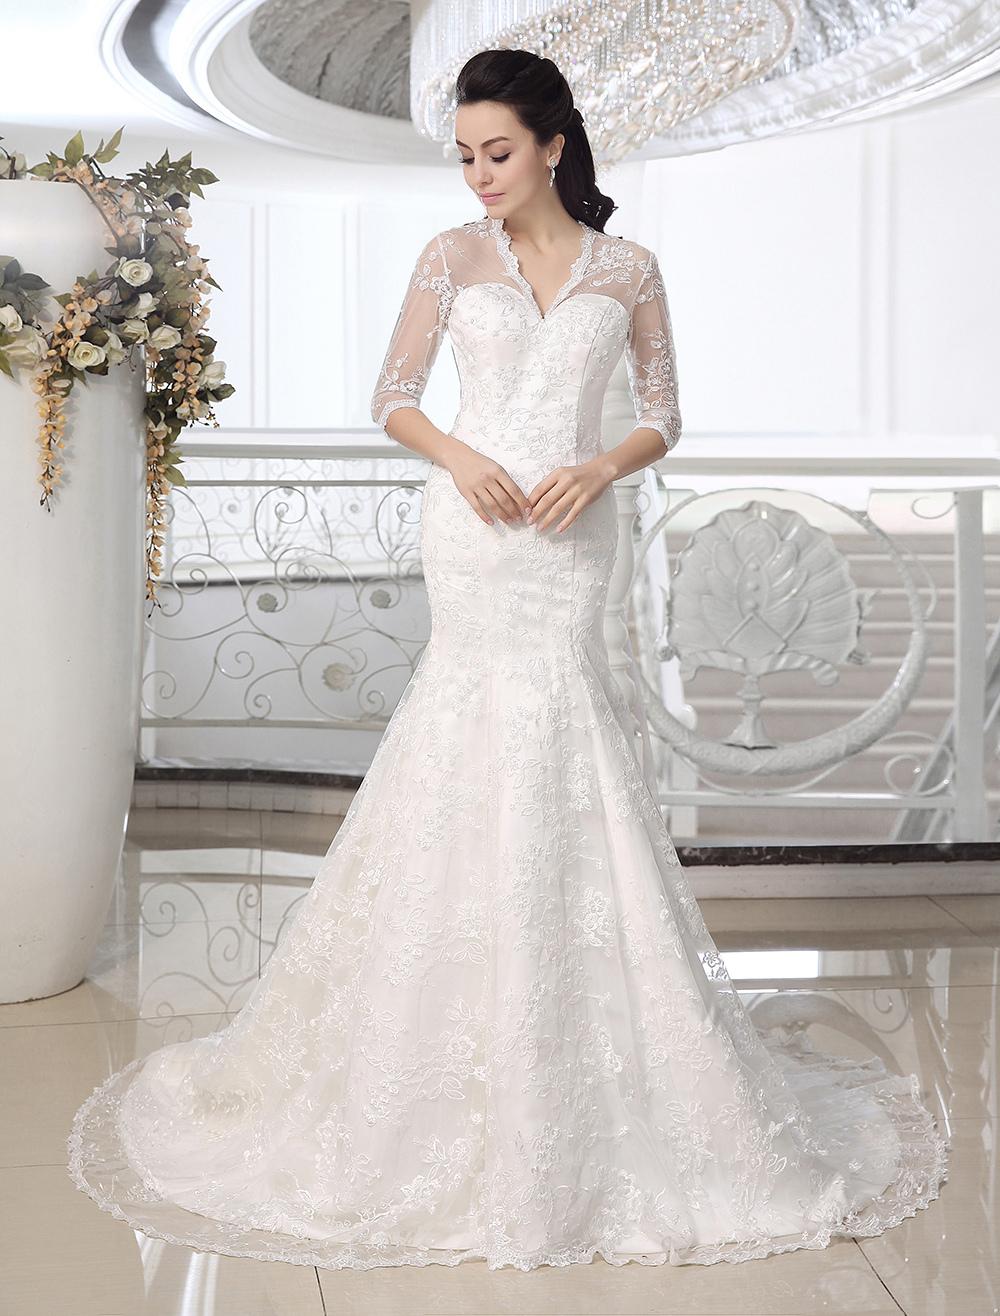 Ivory Mermaid V-Neck Lace Court Train Bridal Wedding Dress